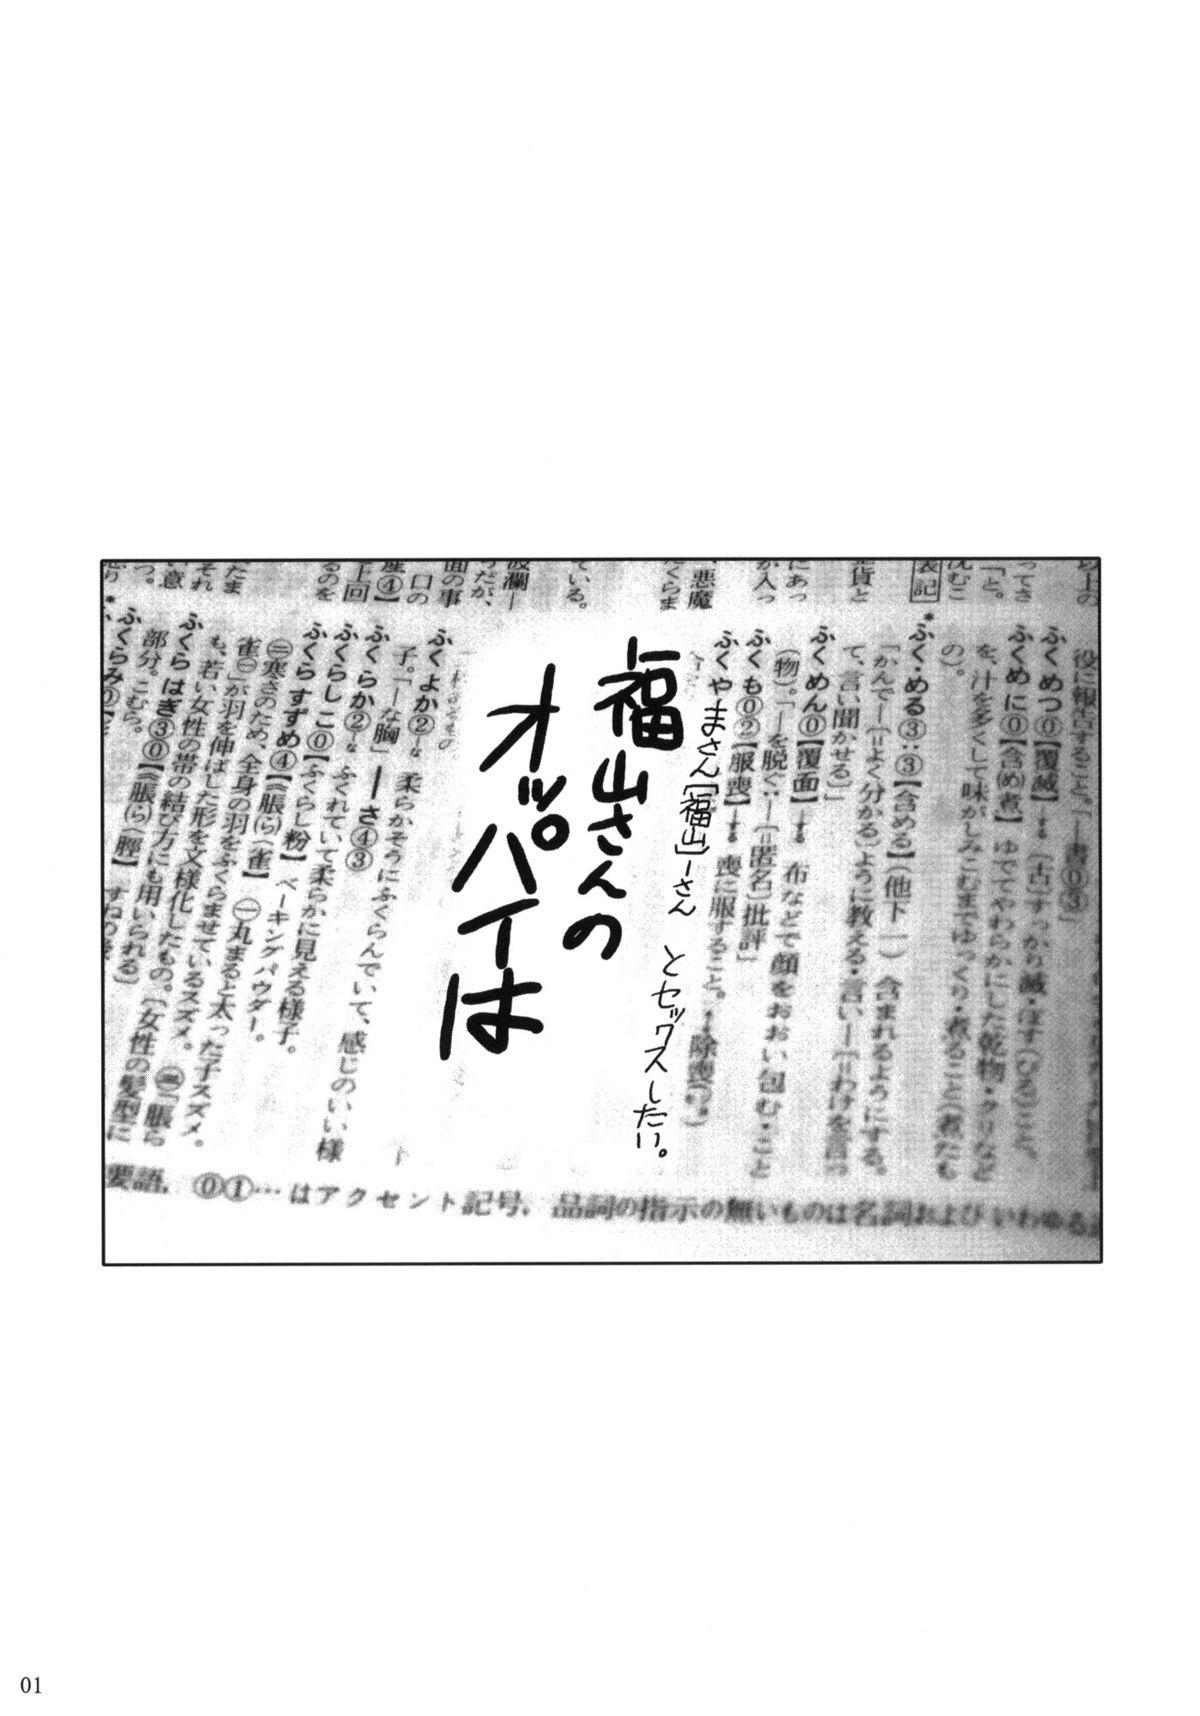 Fukuyama-san Soushuuhen Ichi 24